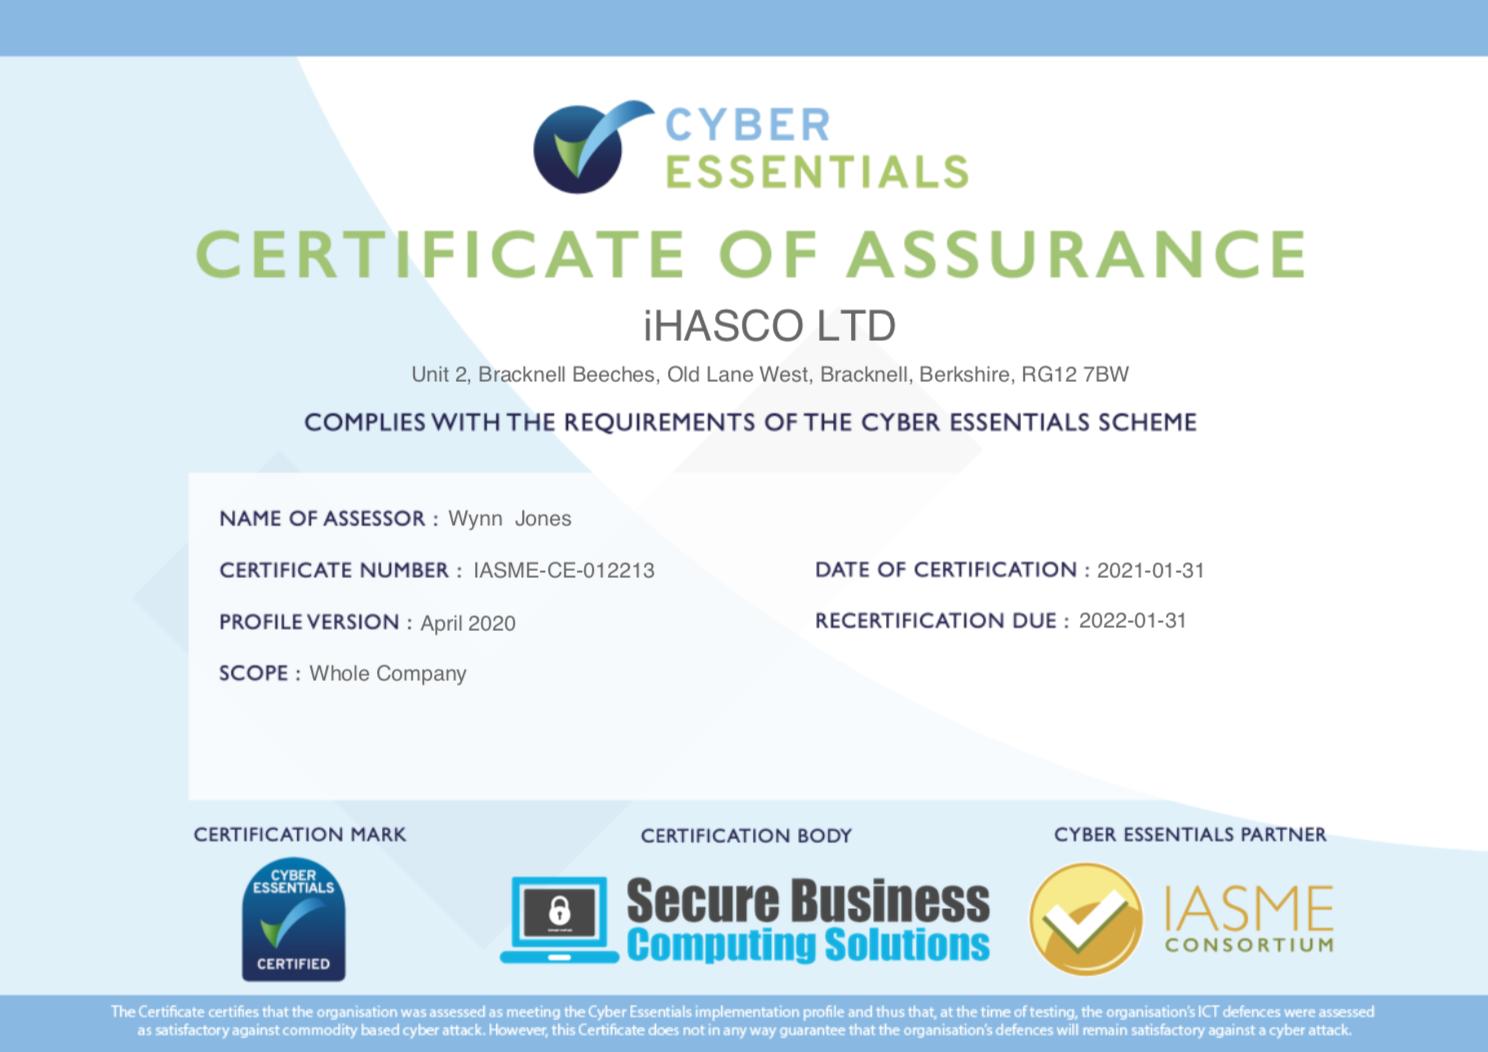 iHASCO's Cyber Essentials Certificate 2021